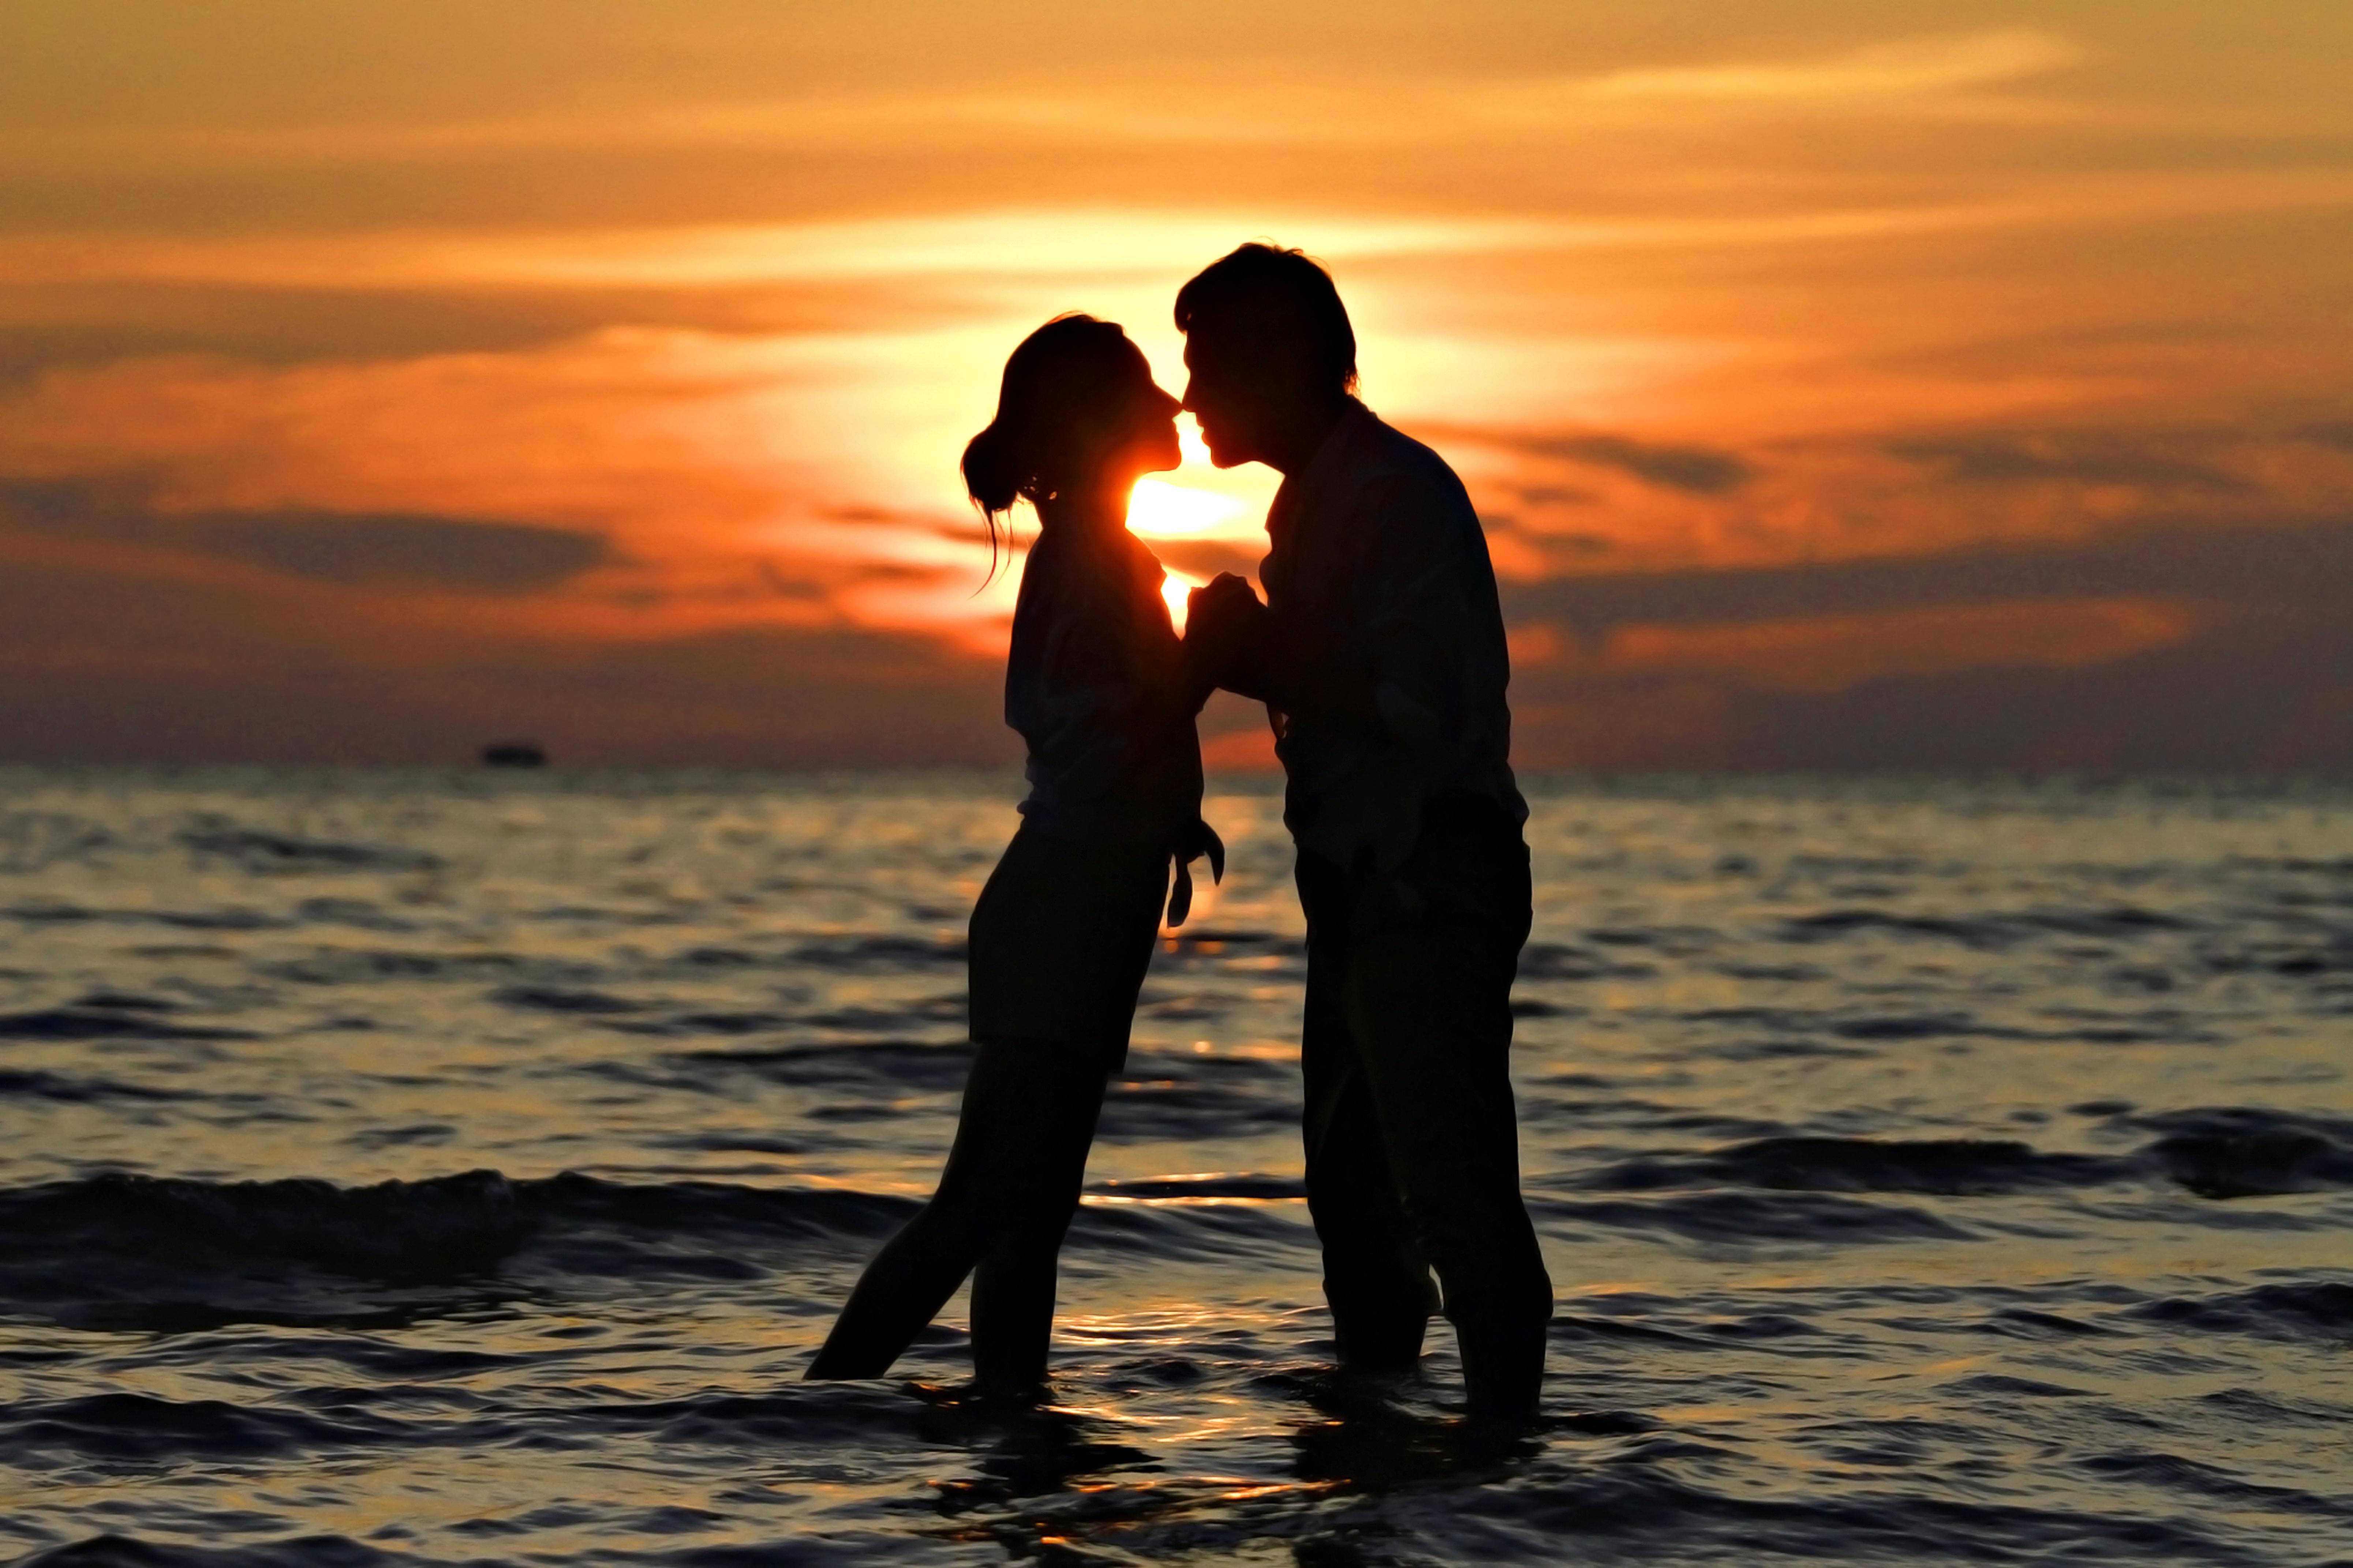 любовь двое обои на рабочий стол № 488392 бесплатно